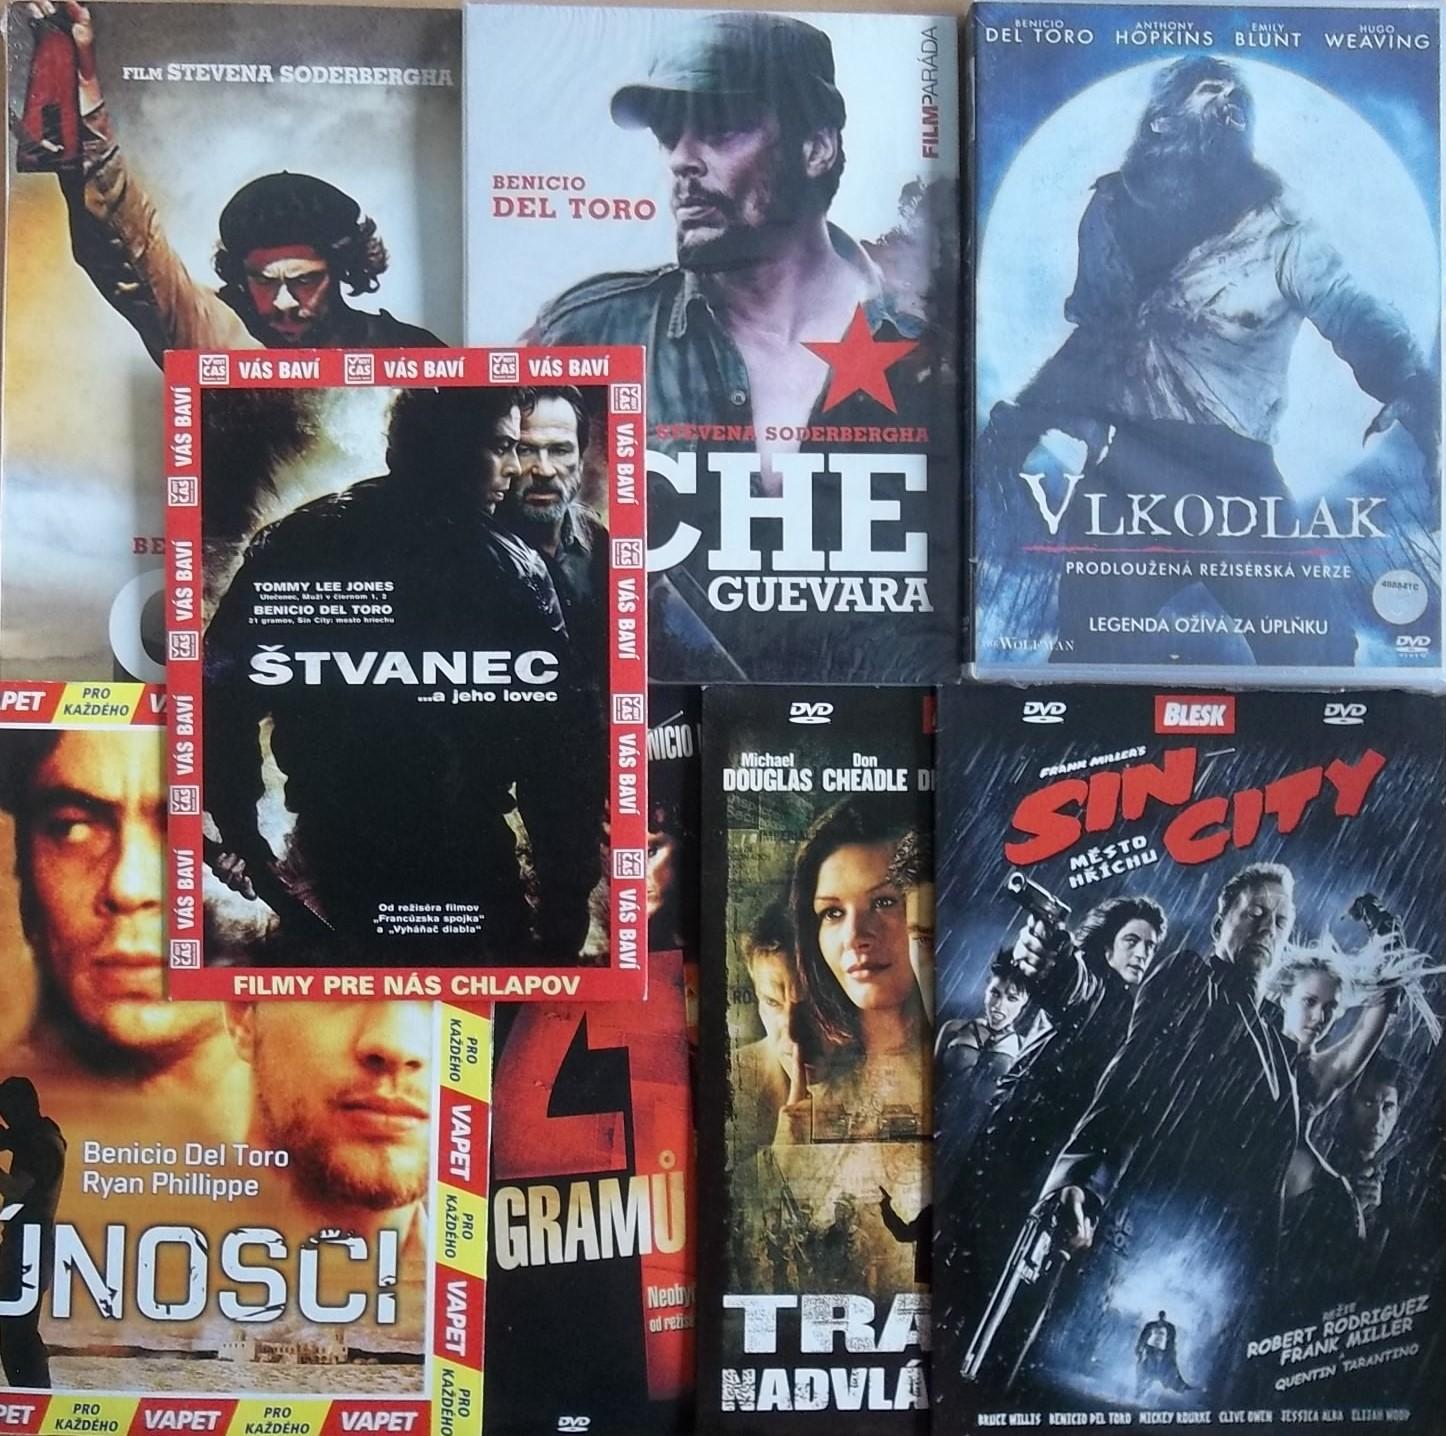 Kolekce Benicio Del Toro - 8 DVD